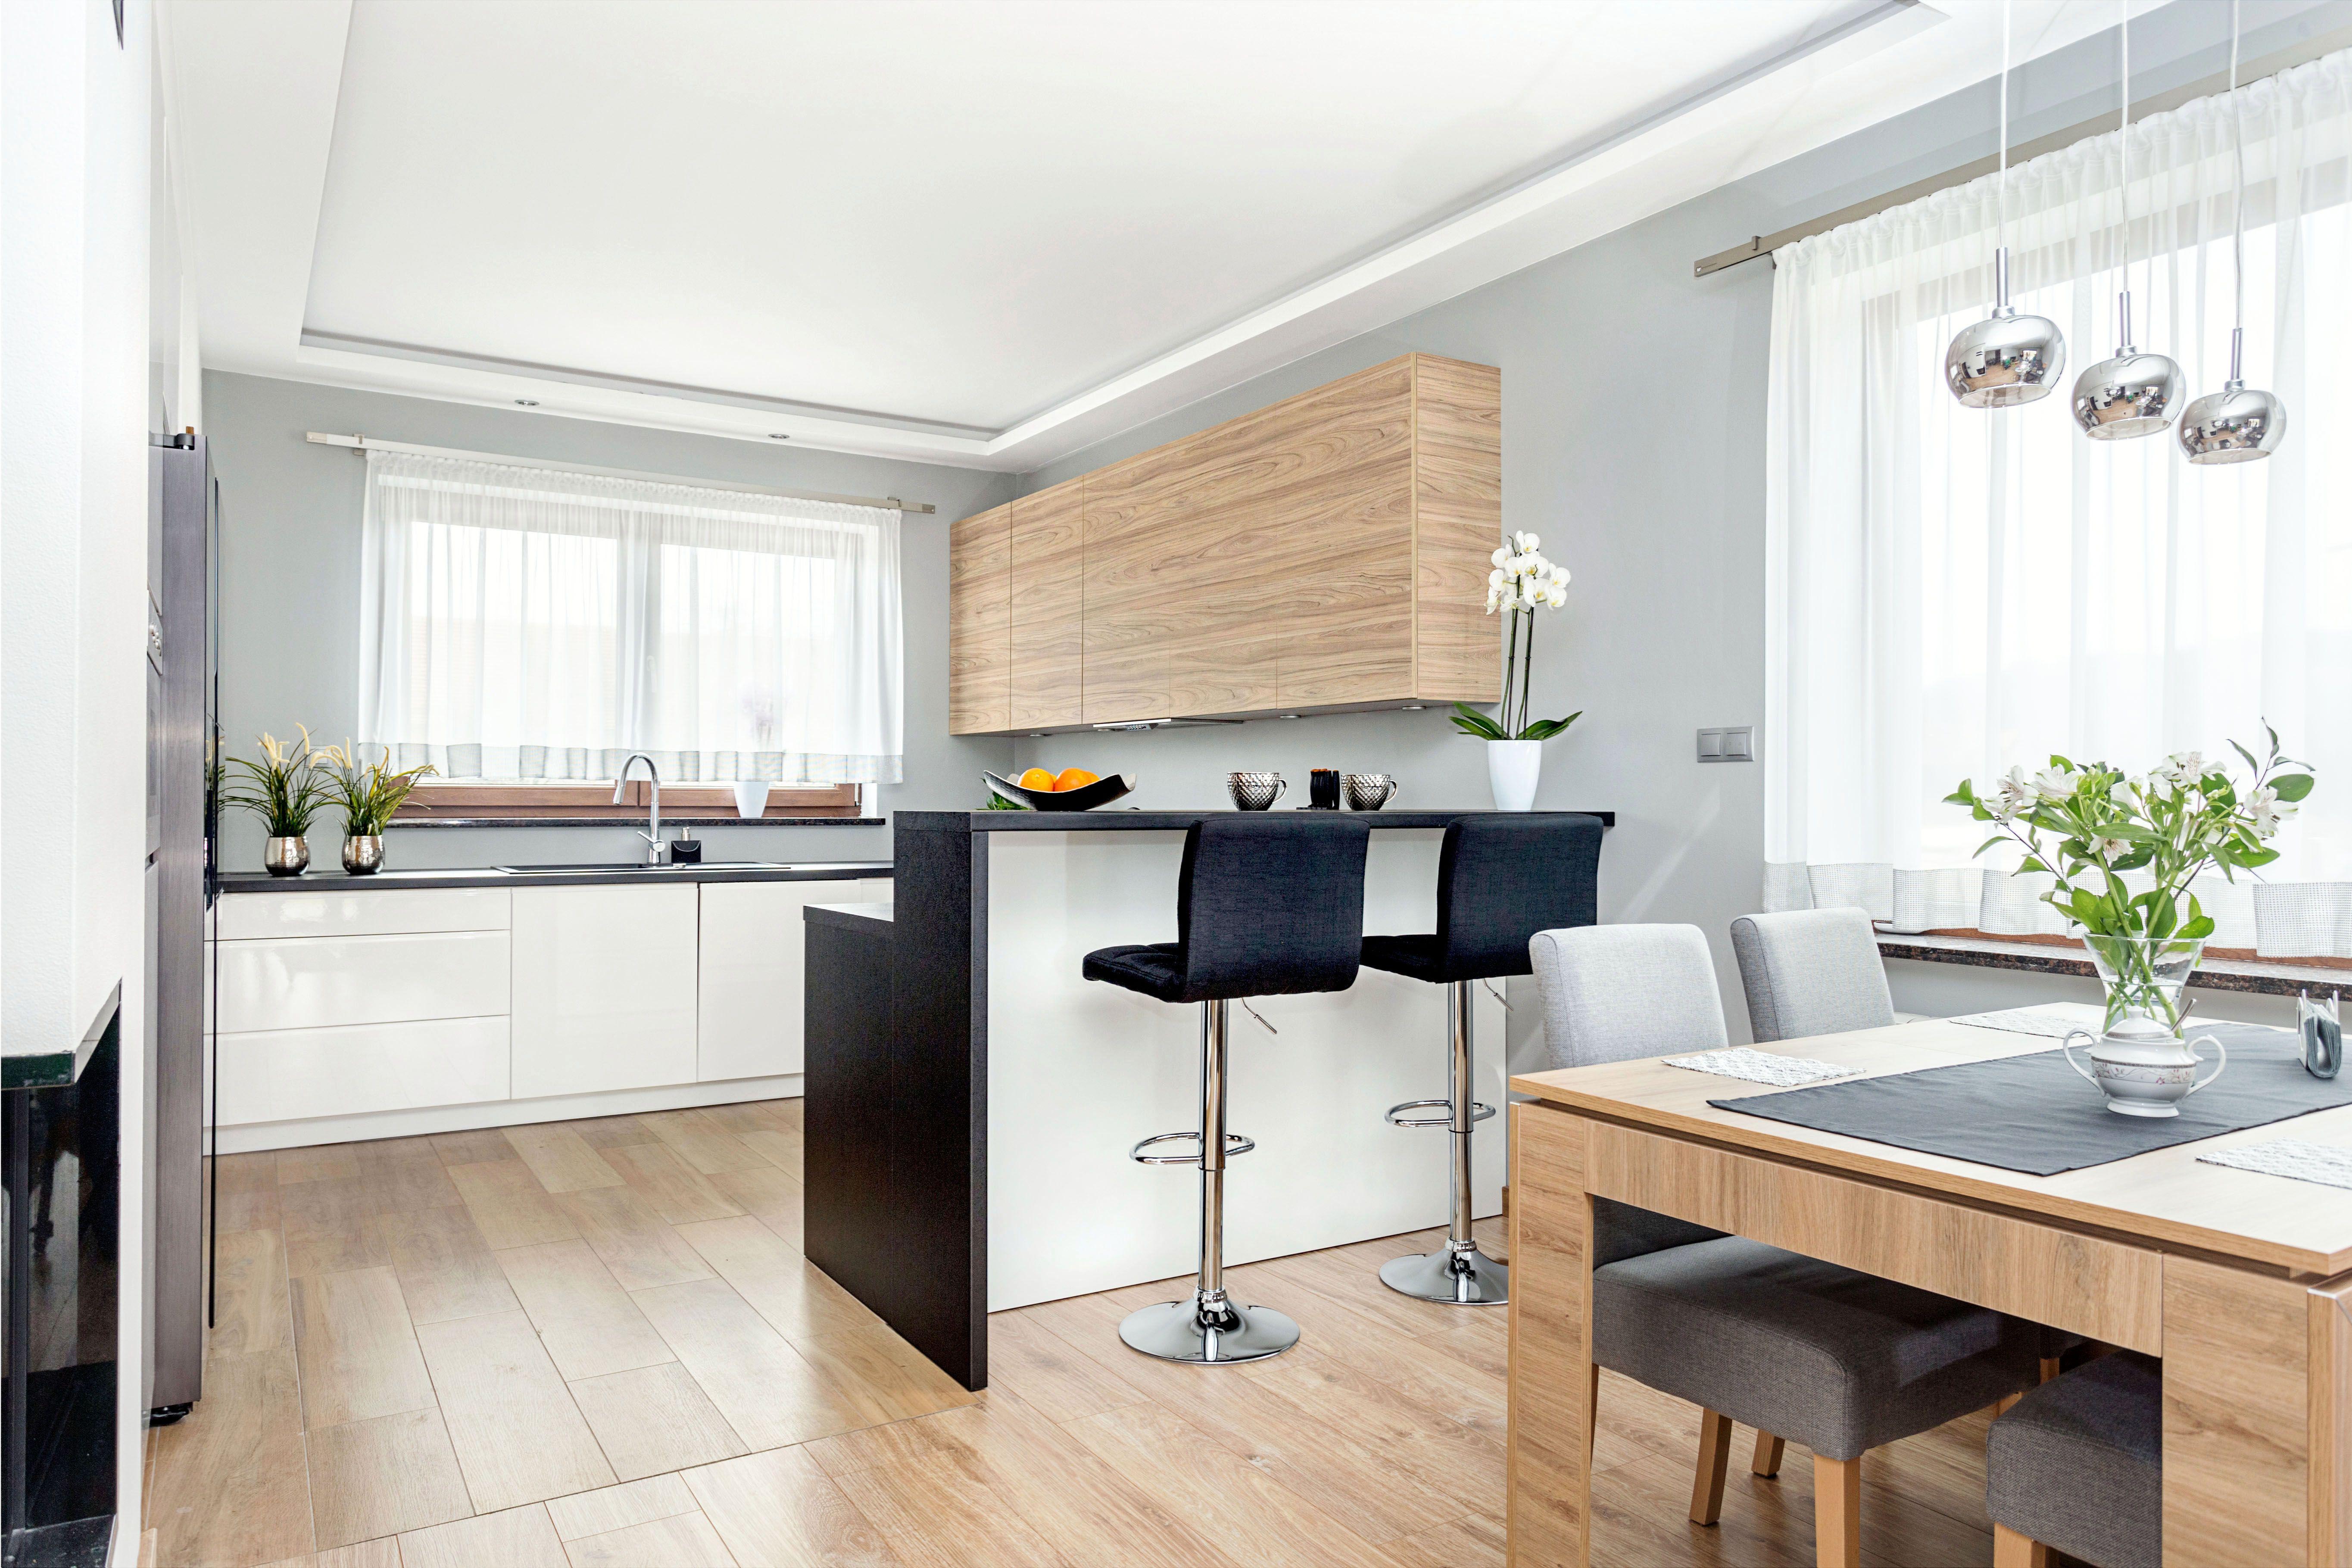 Dzieki Barkowi W Kuchni Zapewniamy Sobie W Sercu Domu Dodatkowa Przestrzen Ktora Mozemy Wykorzystac Na Modern Kitchen Interiors Kitchen Interior Home Decor